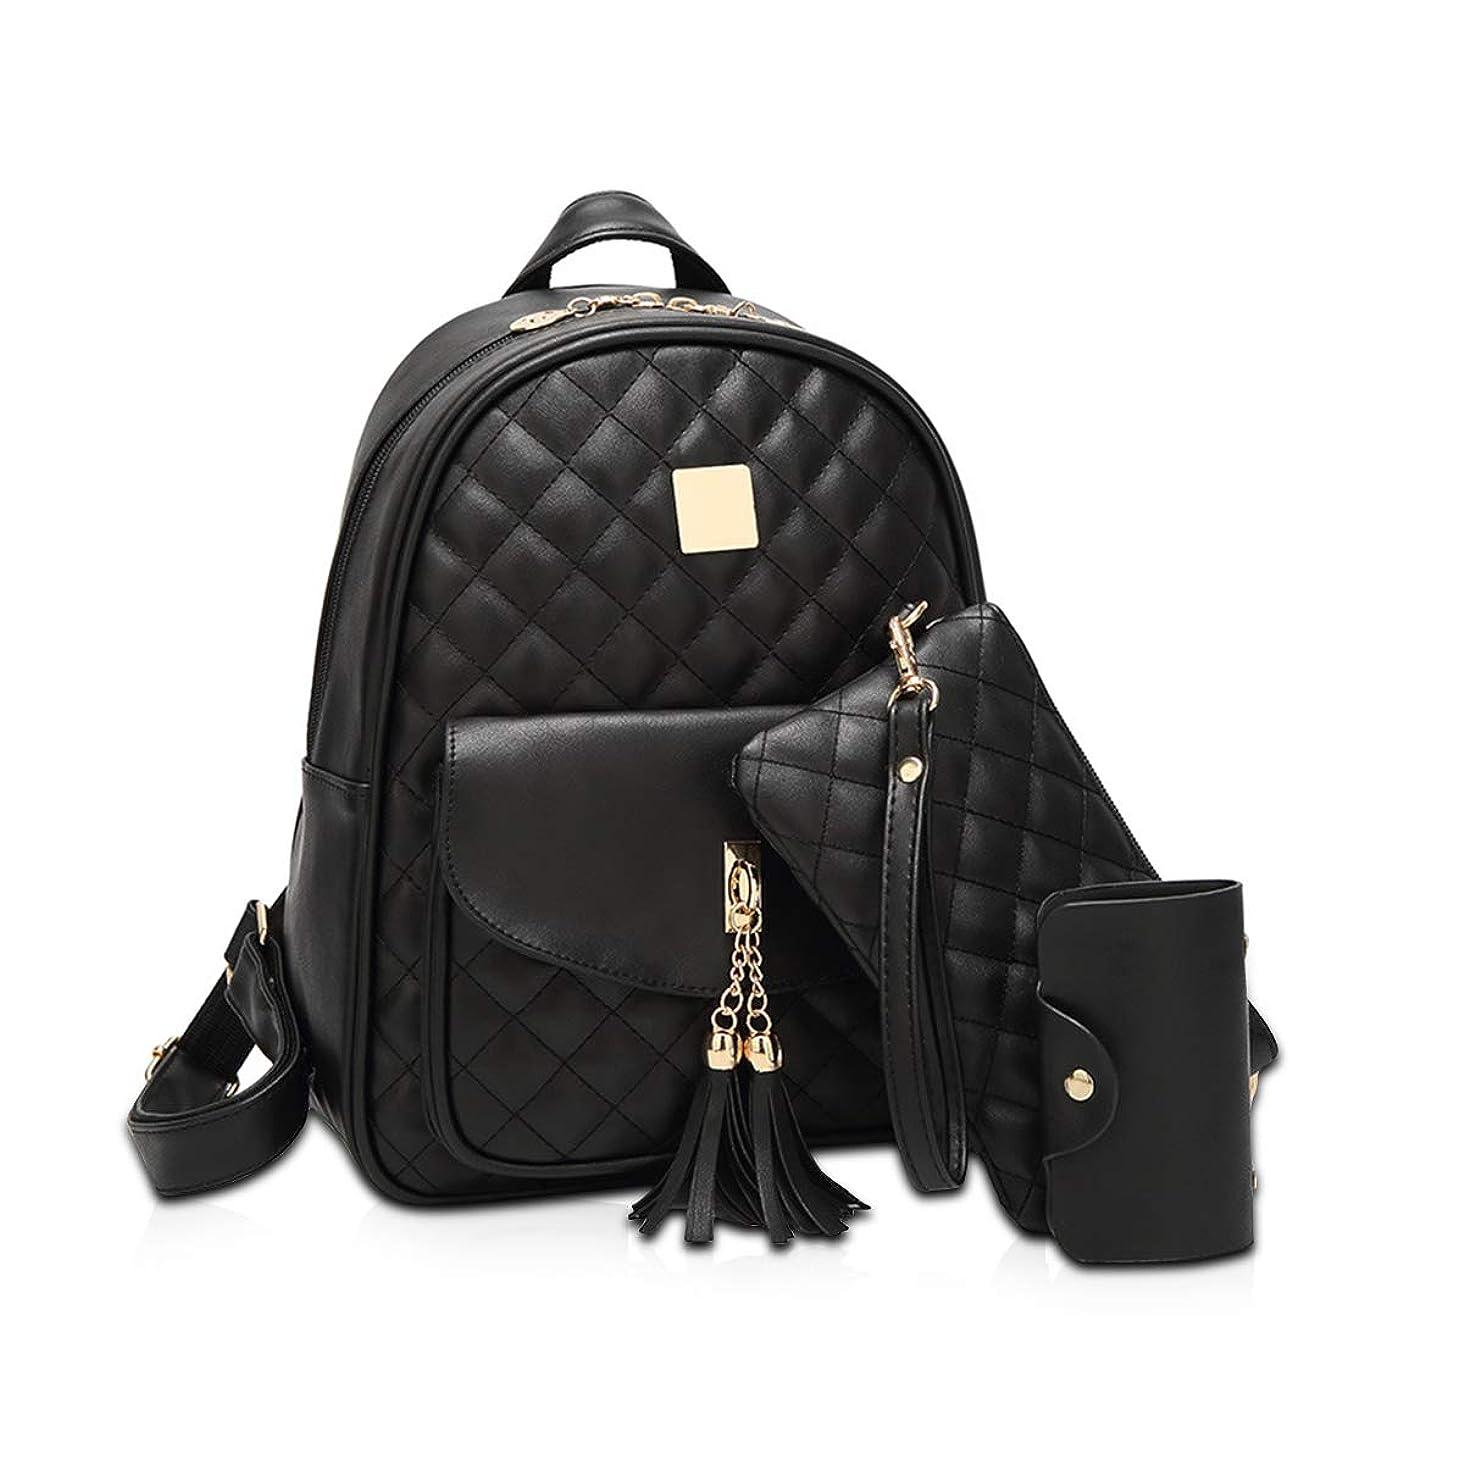 値するジュース流出NICOLE&DORIS ファッション バックパック レディース 大学生 かわいい リュック ショルダーバッグ 大容量 カジュアル 3WAY 人気 通勤 通学 旅行 バッグ PUレザー ブラック